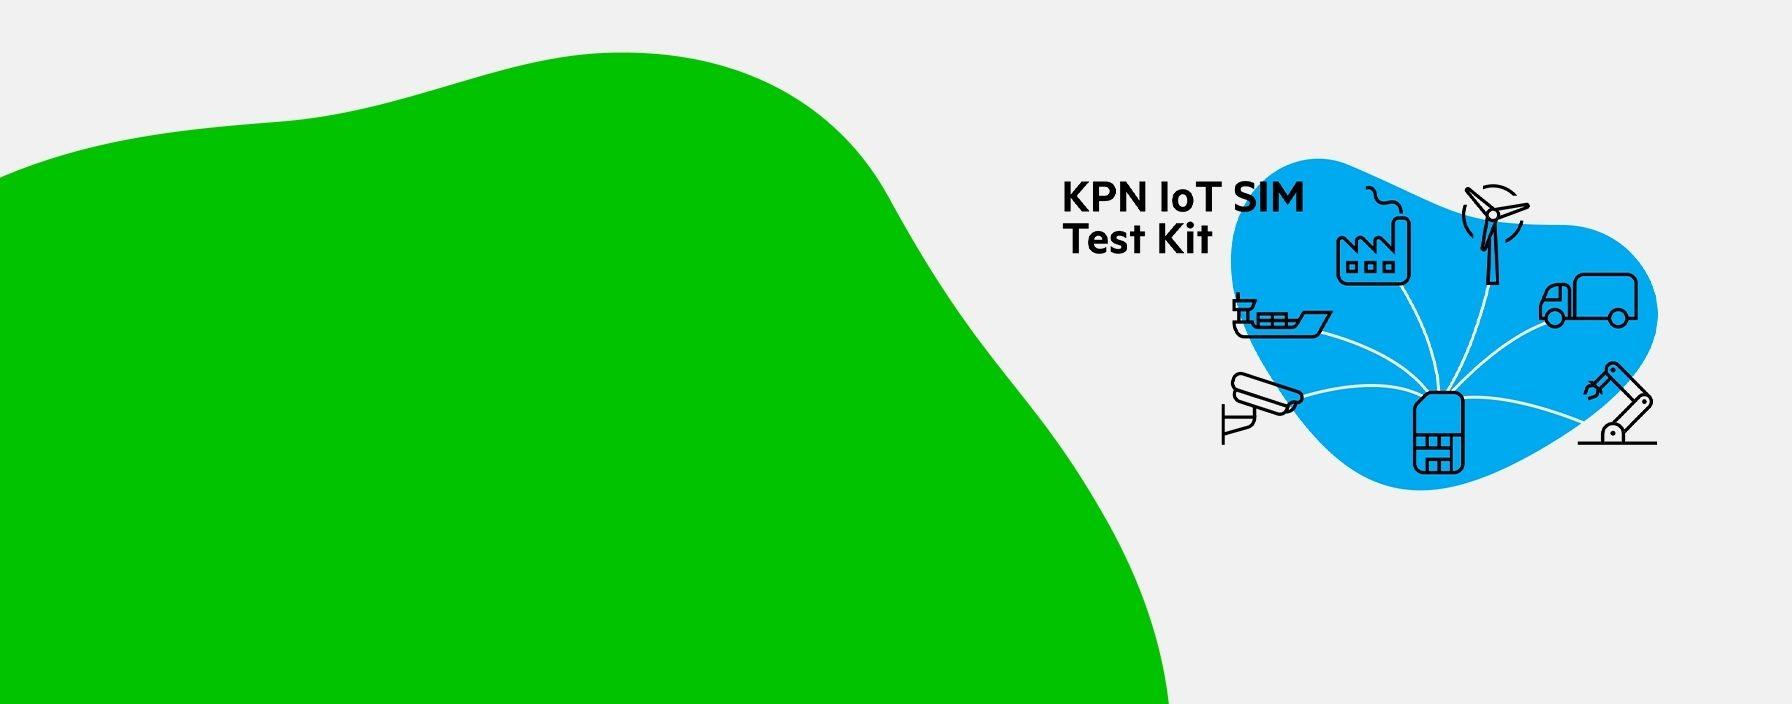 Kpn iot M2 M developerkit update2